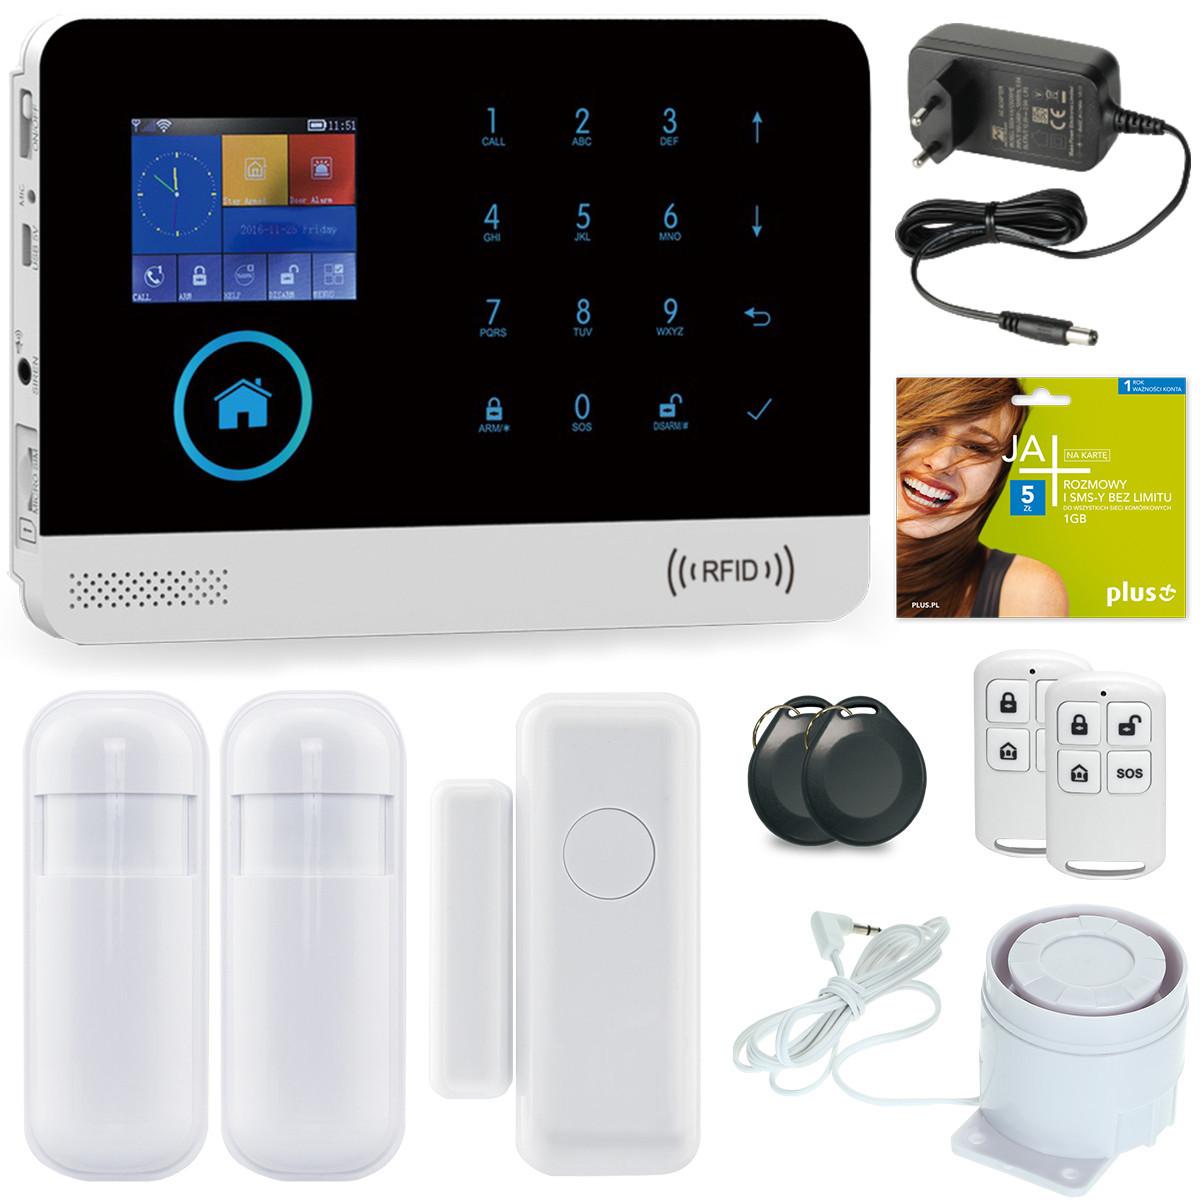 Alarm GSM Guardian III WiFi 3G + 3 czujniki + syrena